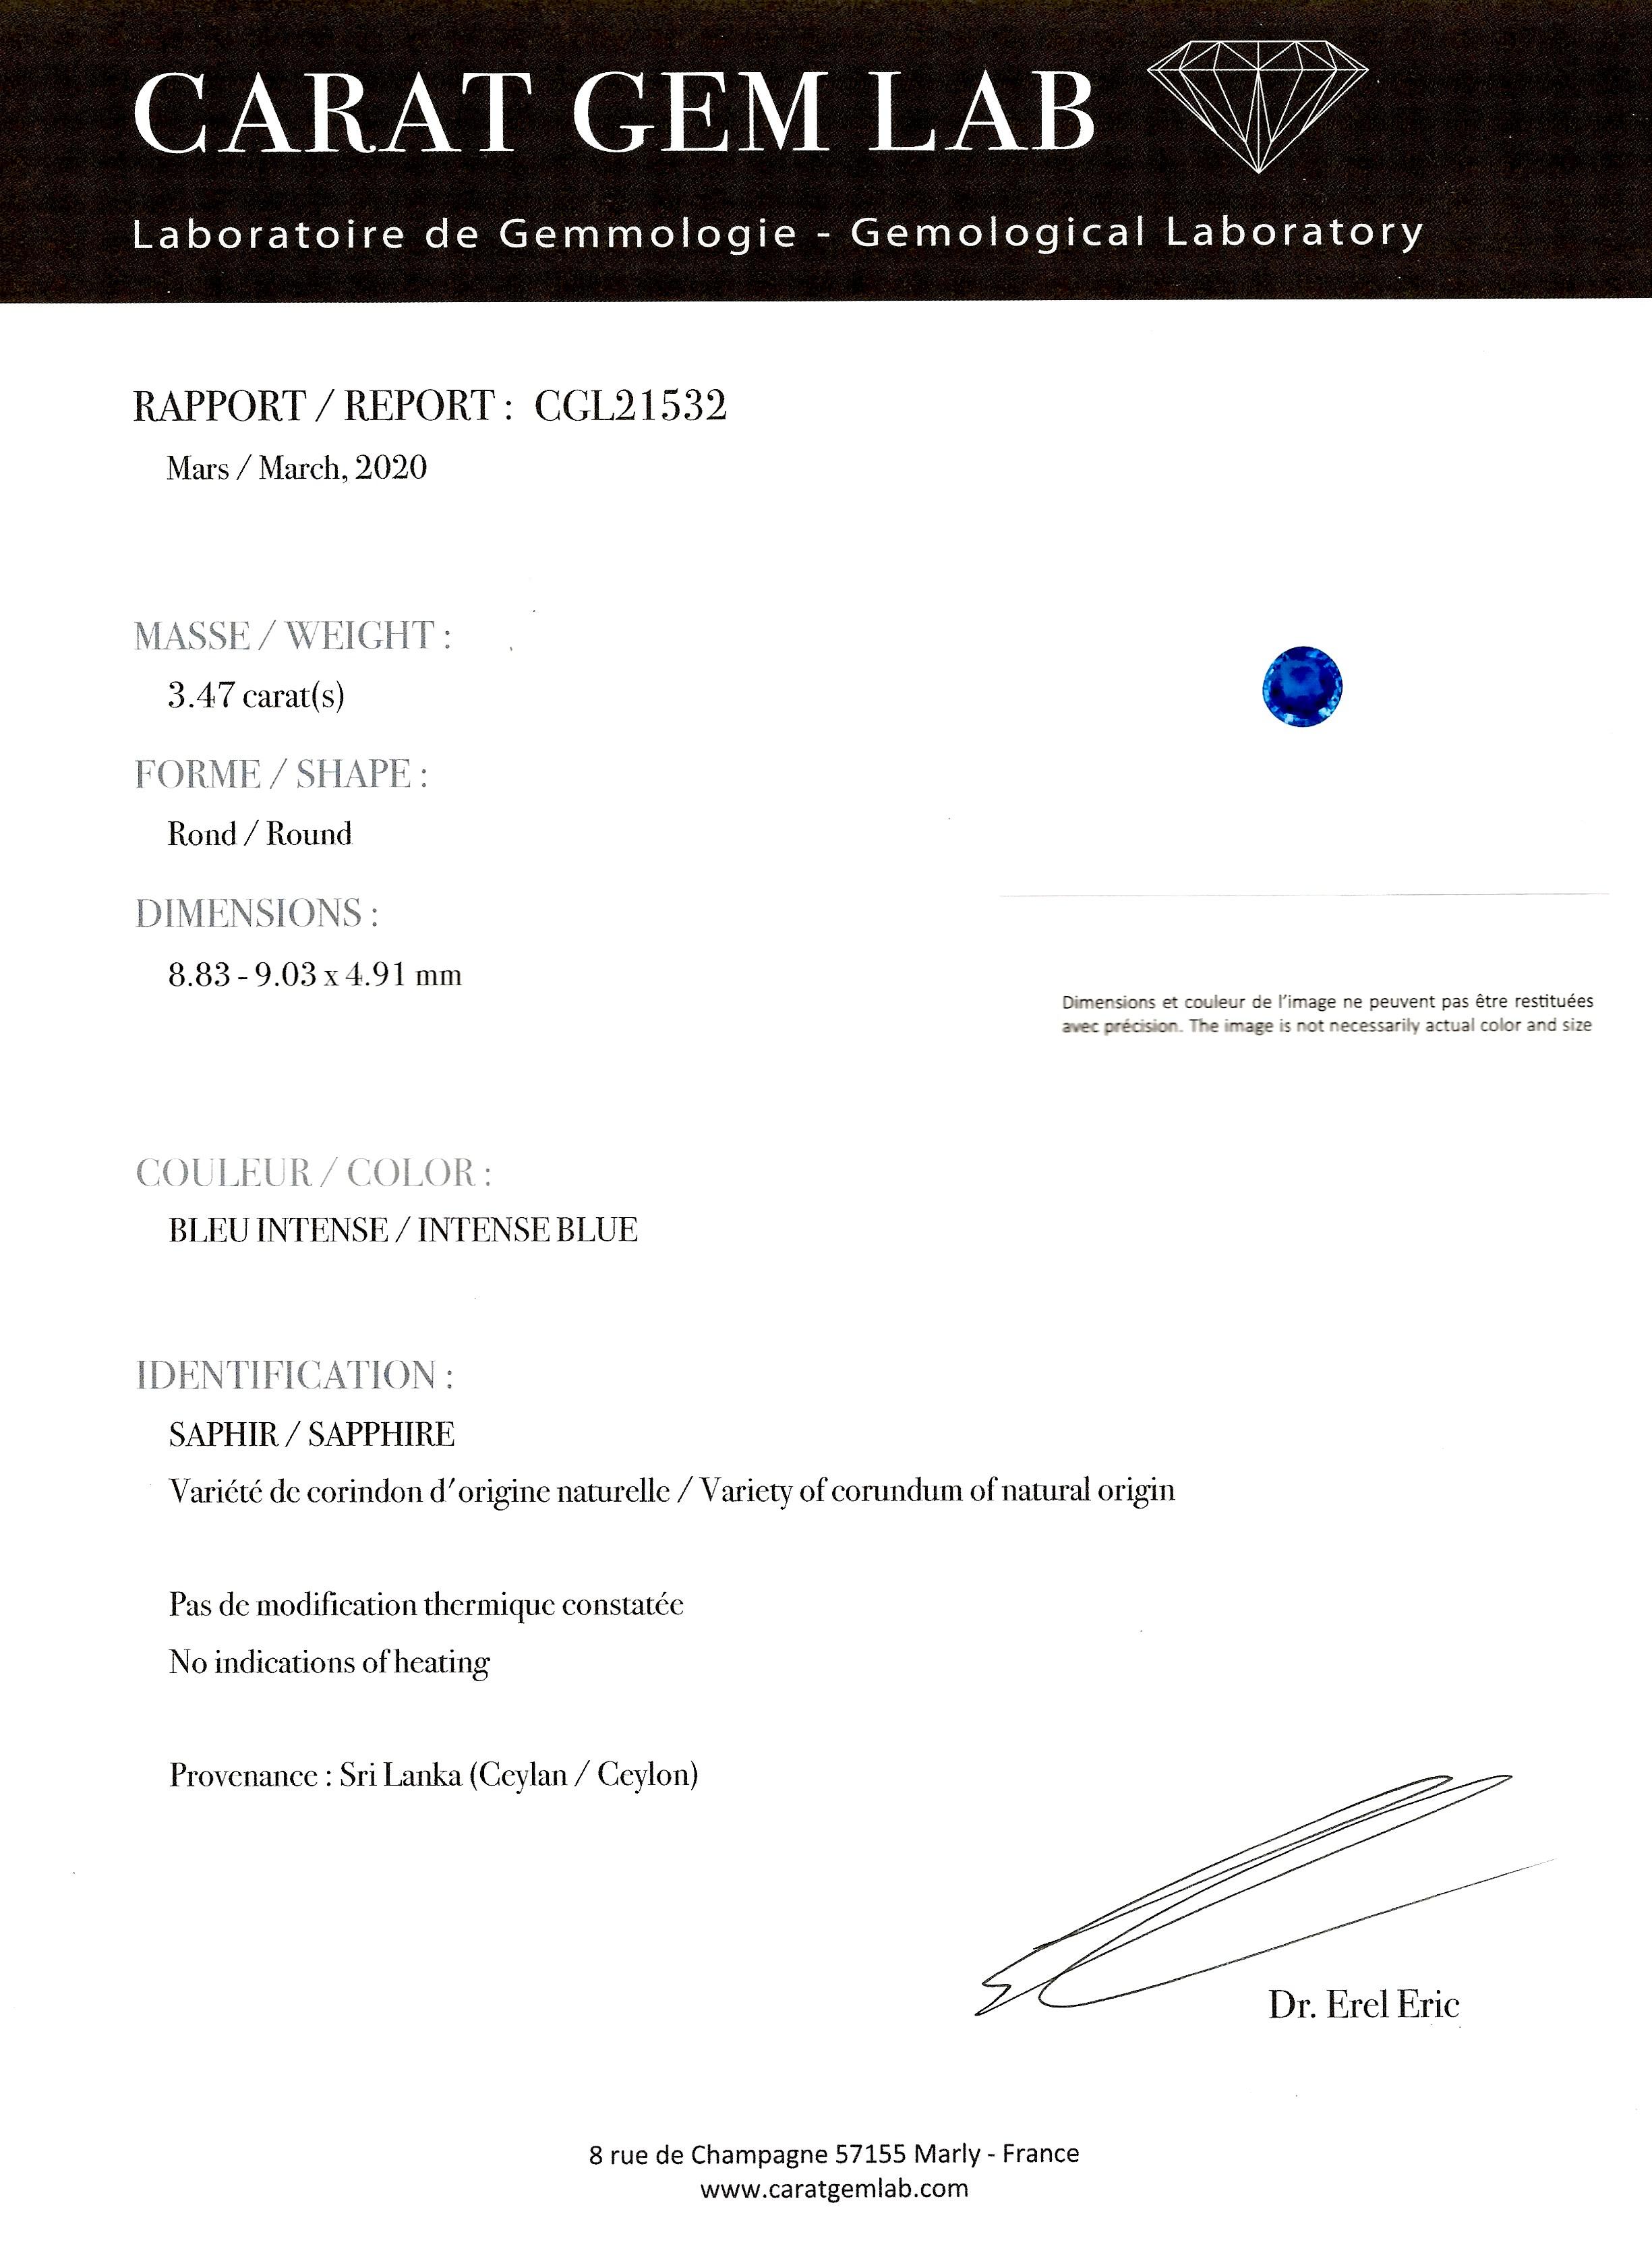 Bague saphir naturel bleu intense (3,47 carats, certificat laboratoire) diamants, début XXe siècle-4